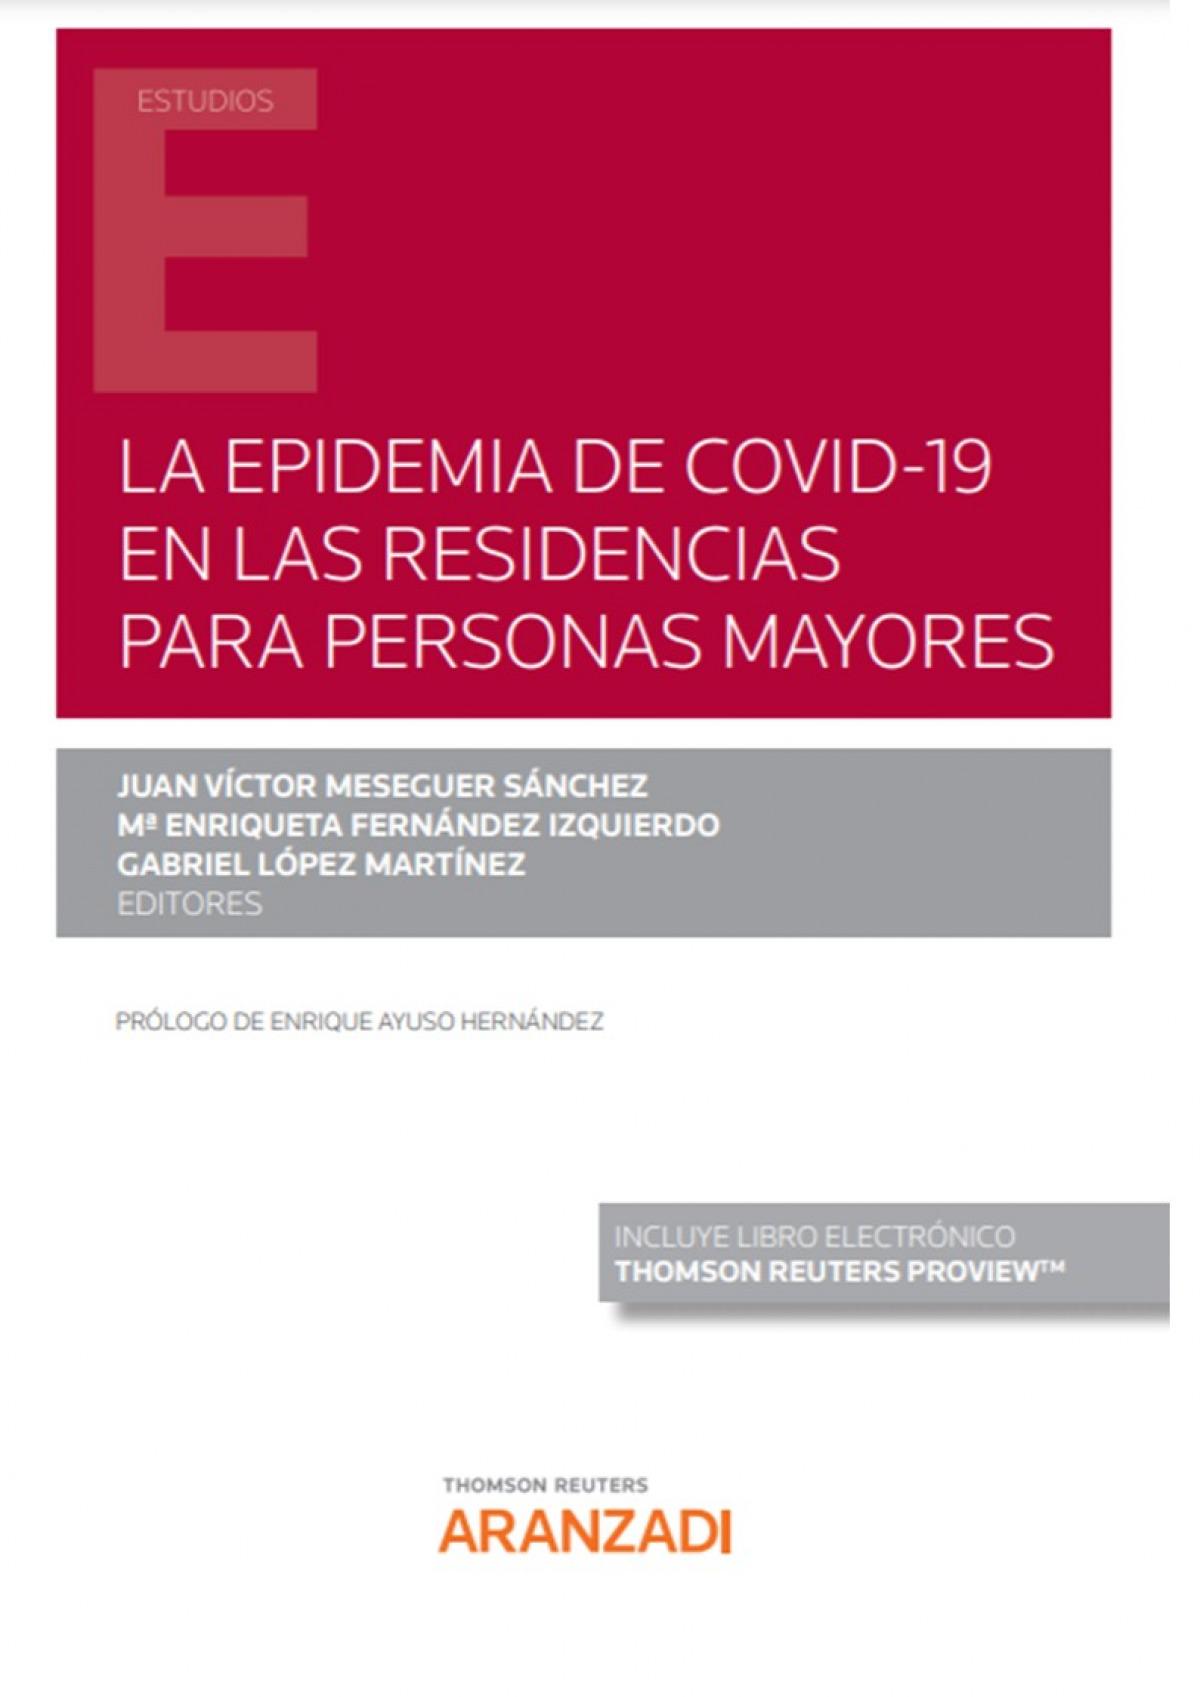 La epidemia de COVID-19 en las residencias para personas mayores (Papel + e-book)